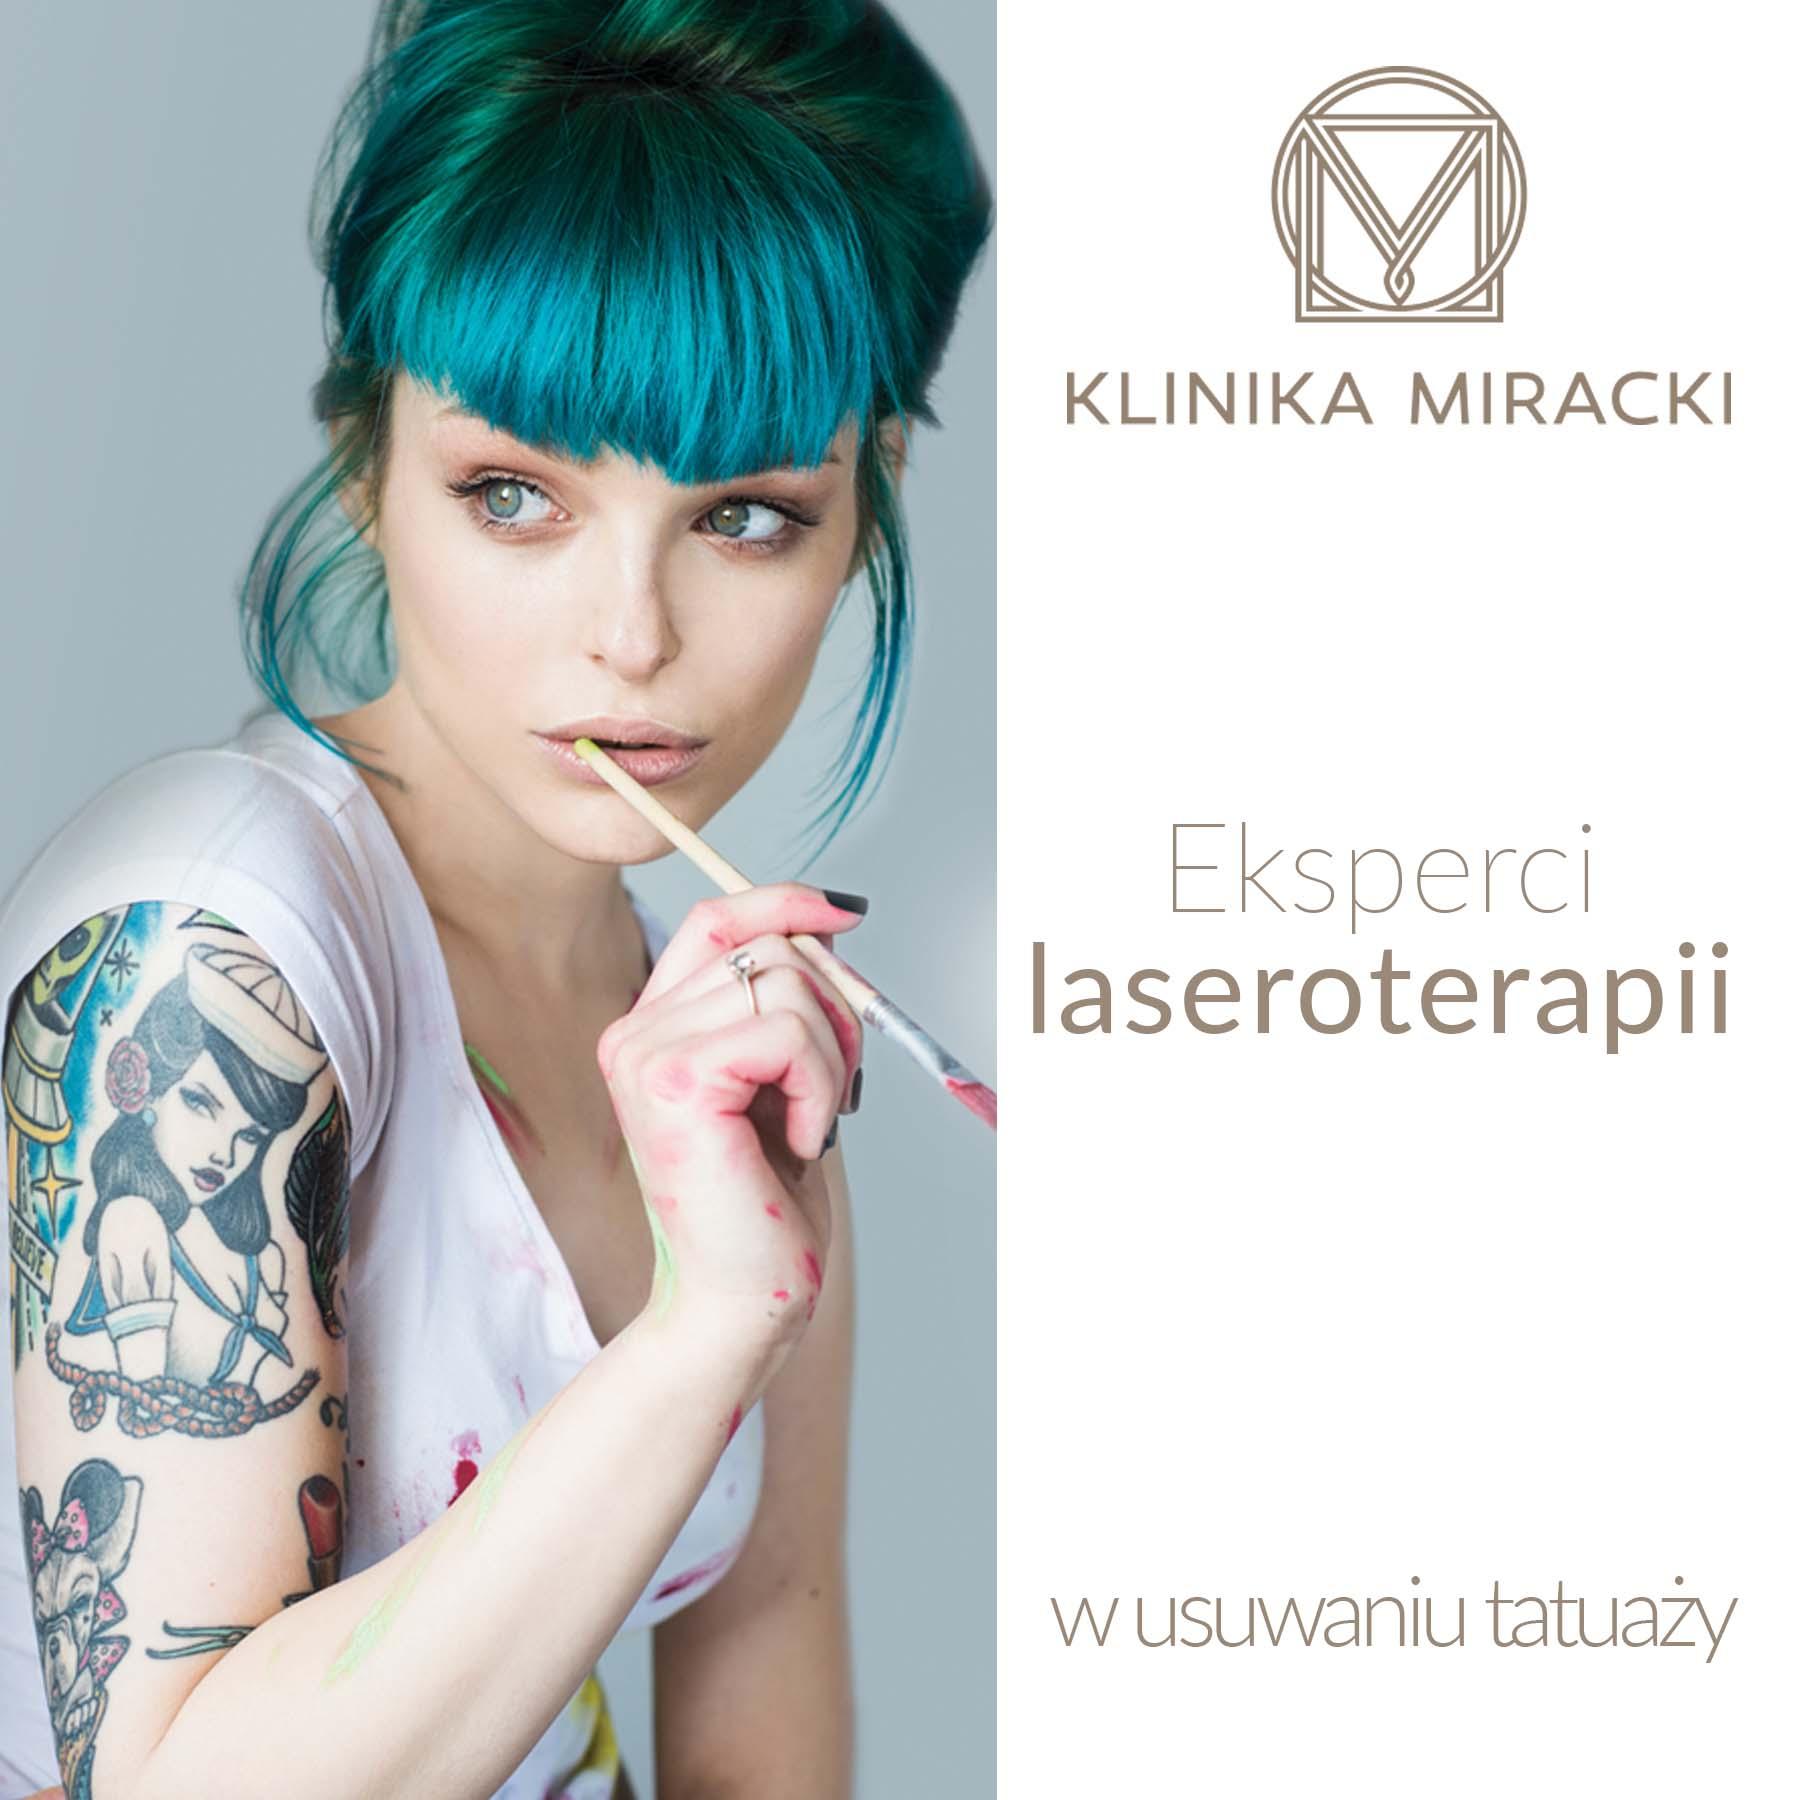 Laserowe usuwanie tatuażu. Sprawdź, co radzi specjalista!